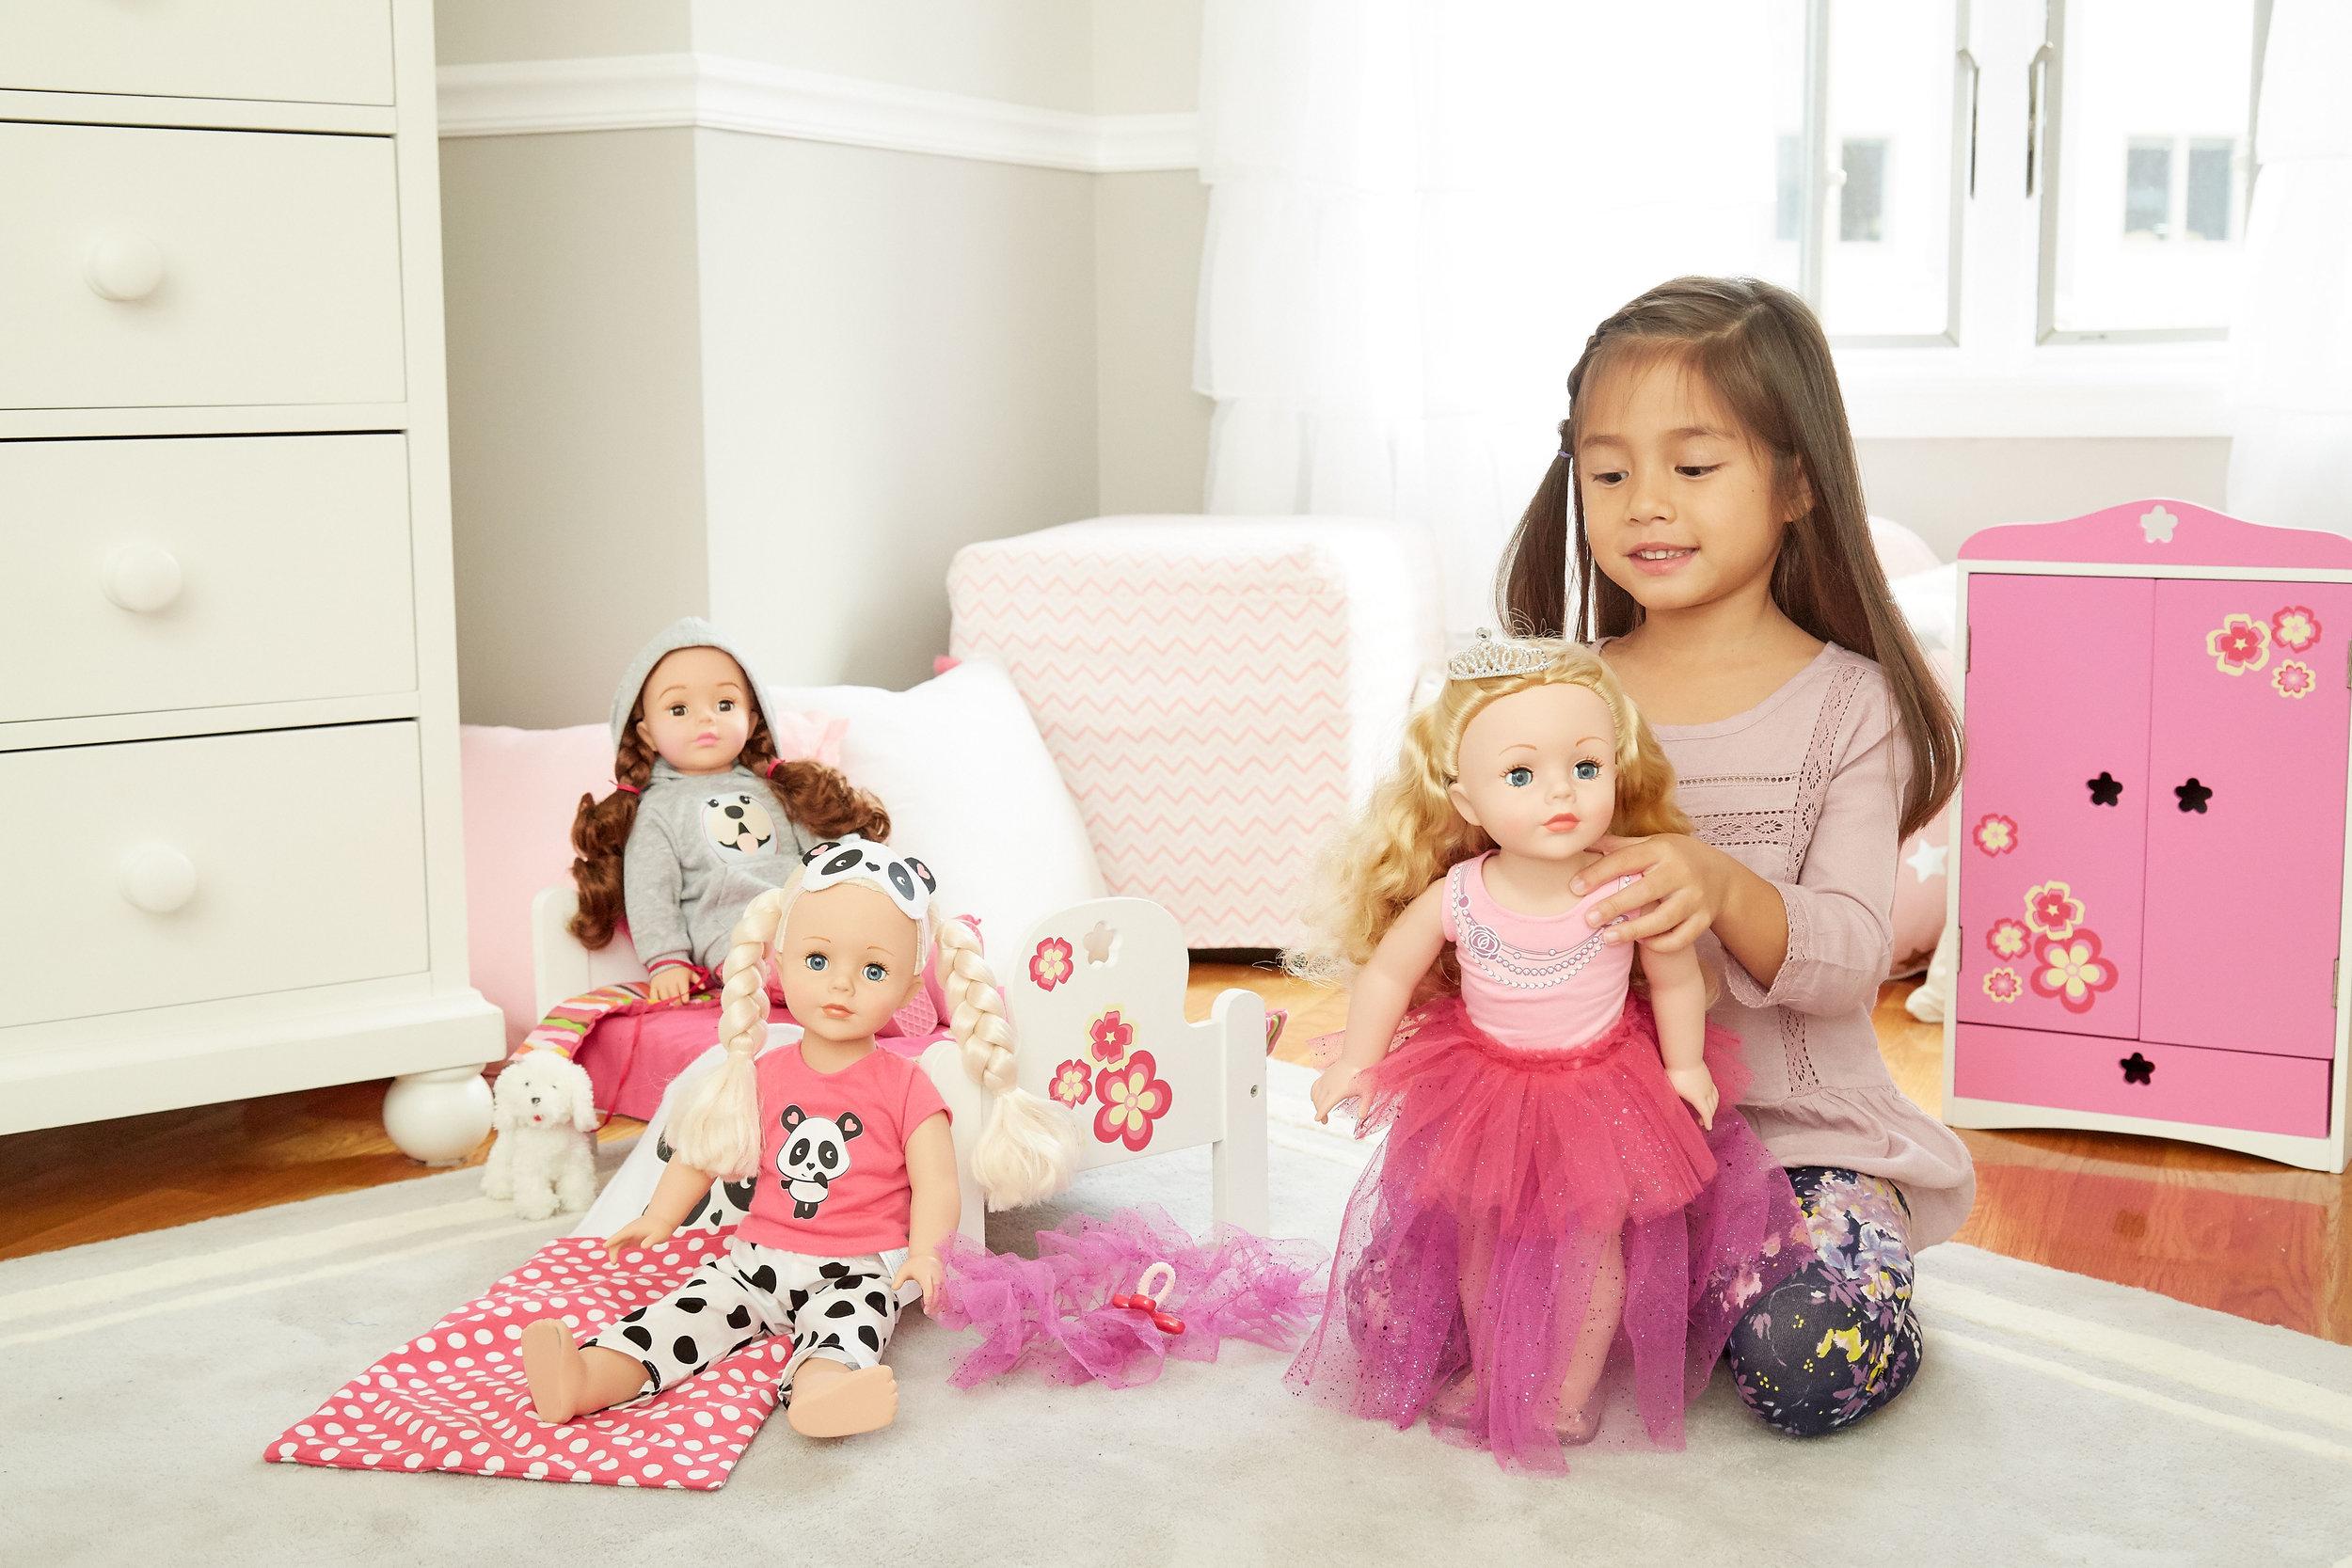 چیدمان اتاق کودک و مرتب کردن عروسک ها | بامبینو